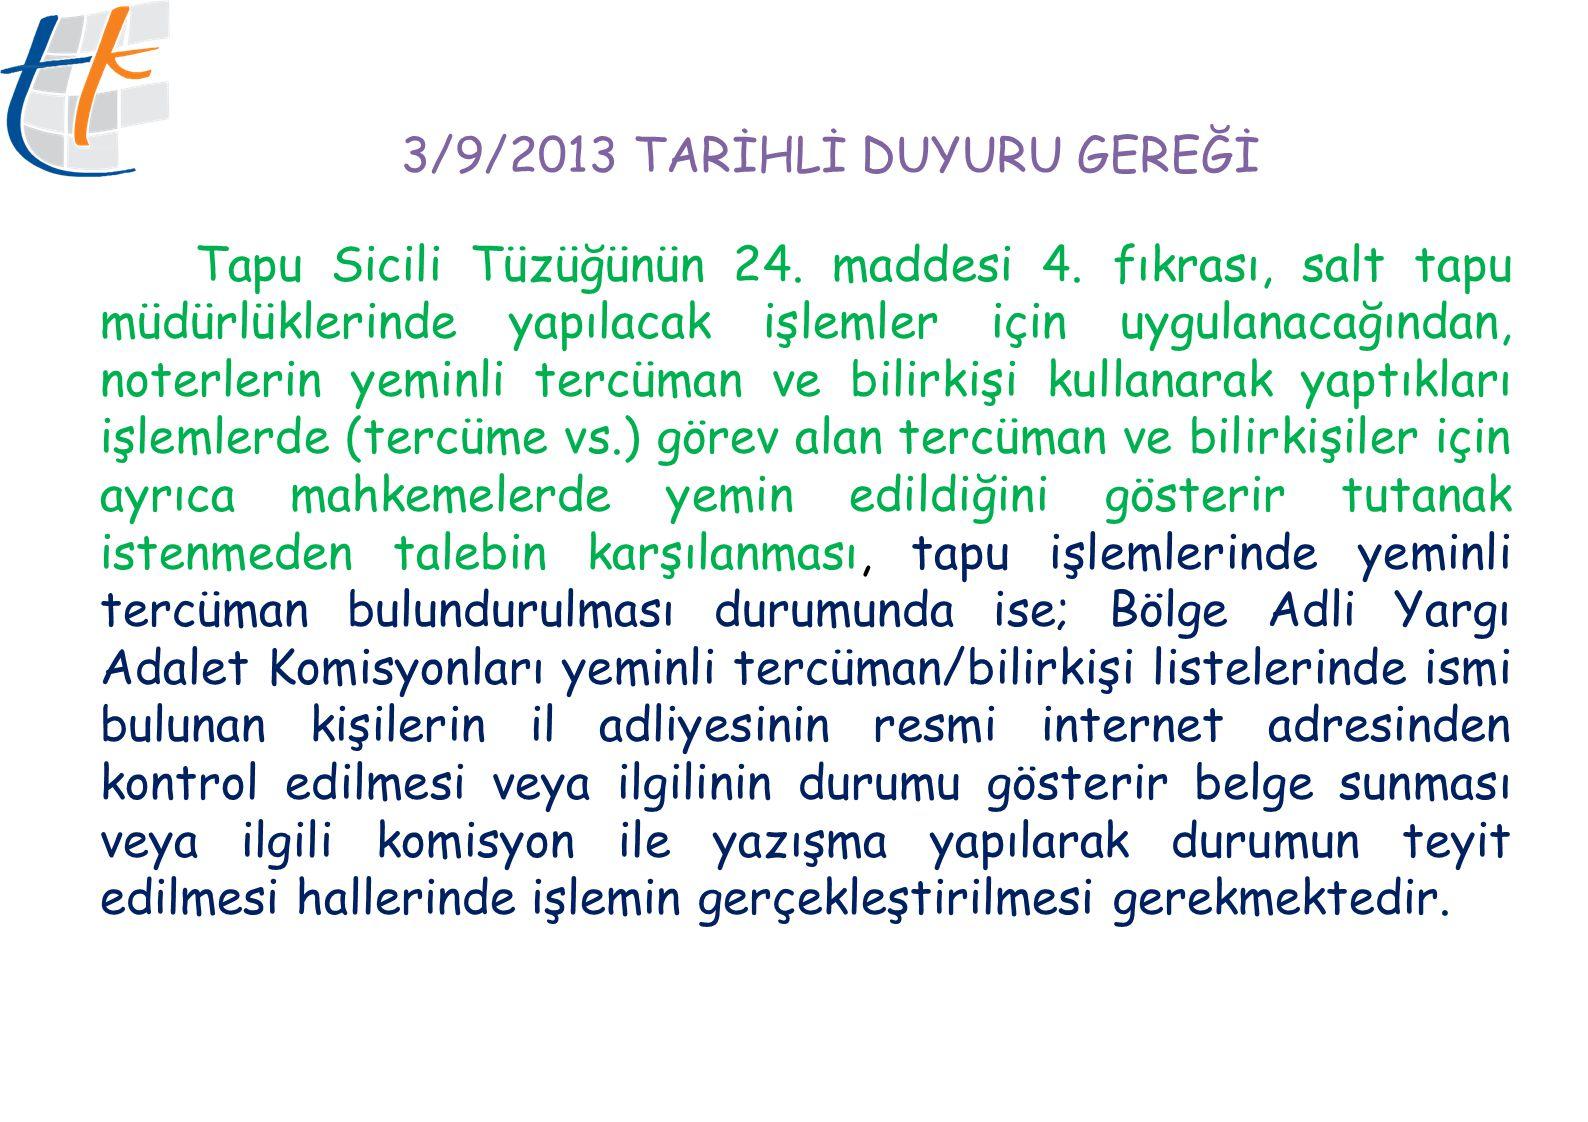 3/9/2013 TARİHLİ DUYURU GEREĞİ Tapu Sicili Tüzüğünün 24. maddesi 4. fıkrası, salt tapu müdürlüklerinde yapılacak işlemler için uygulanacağından, noter